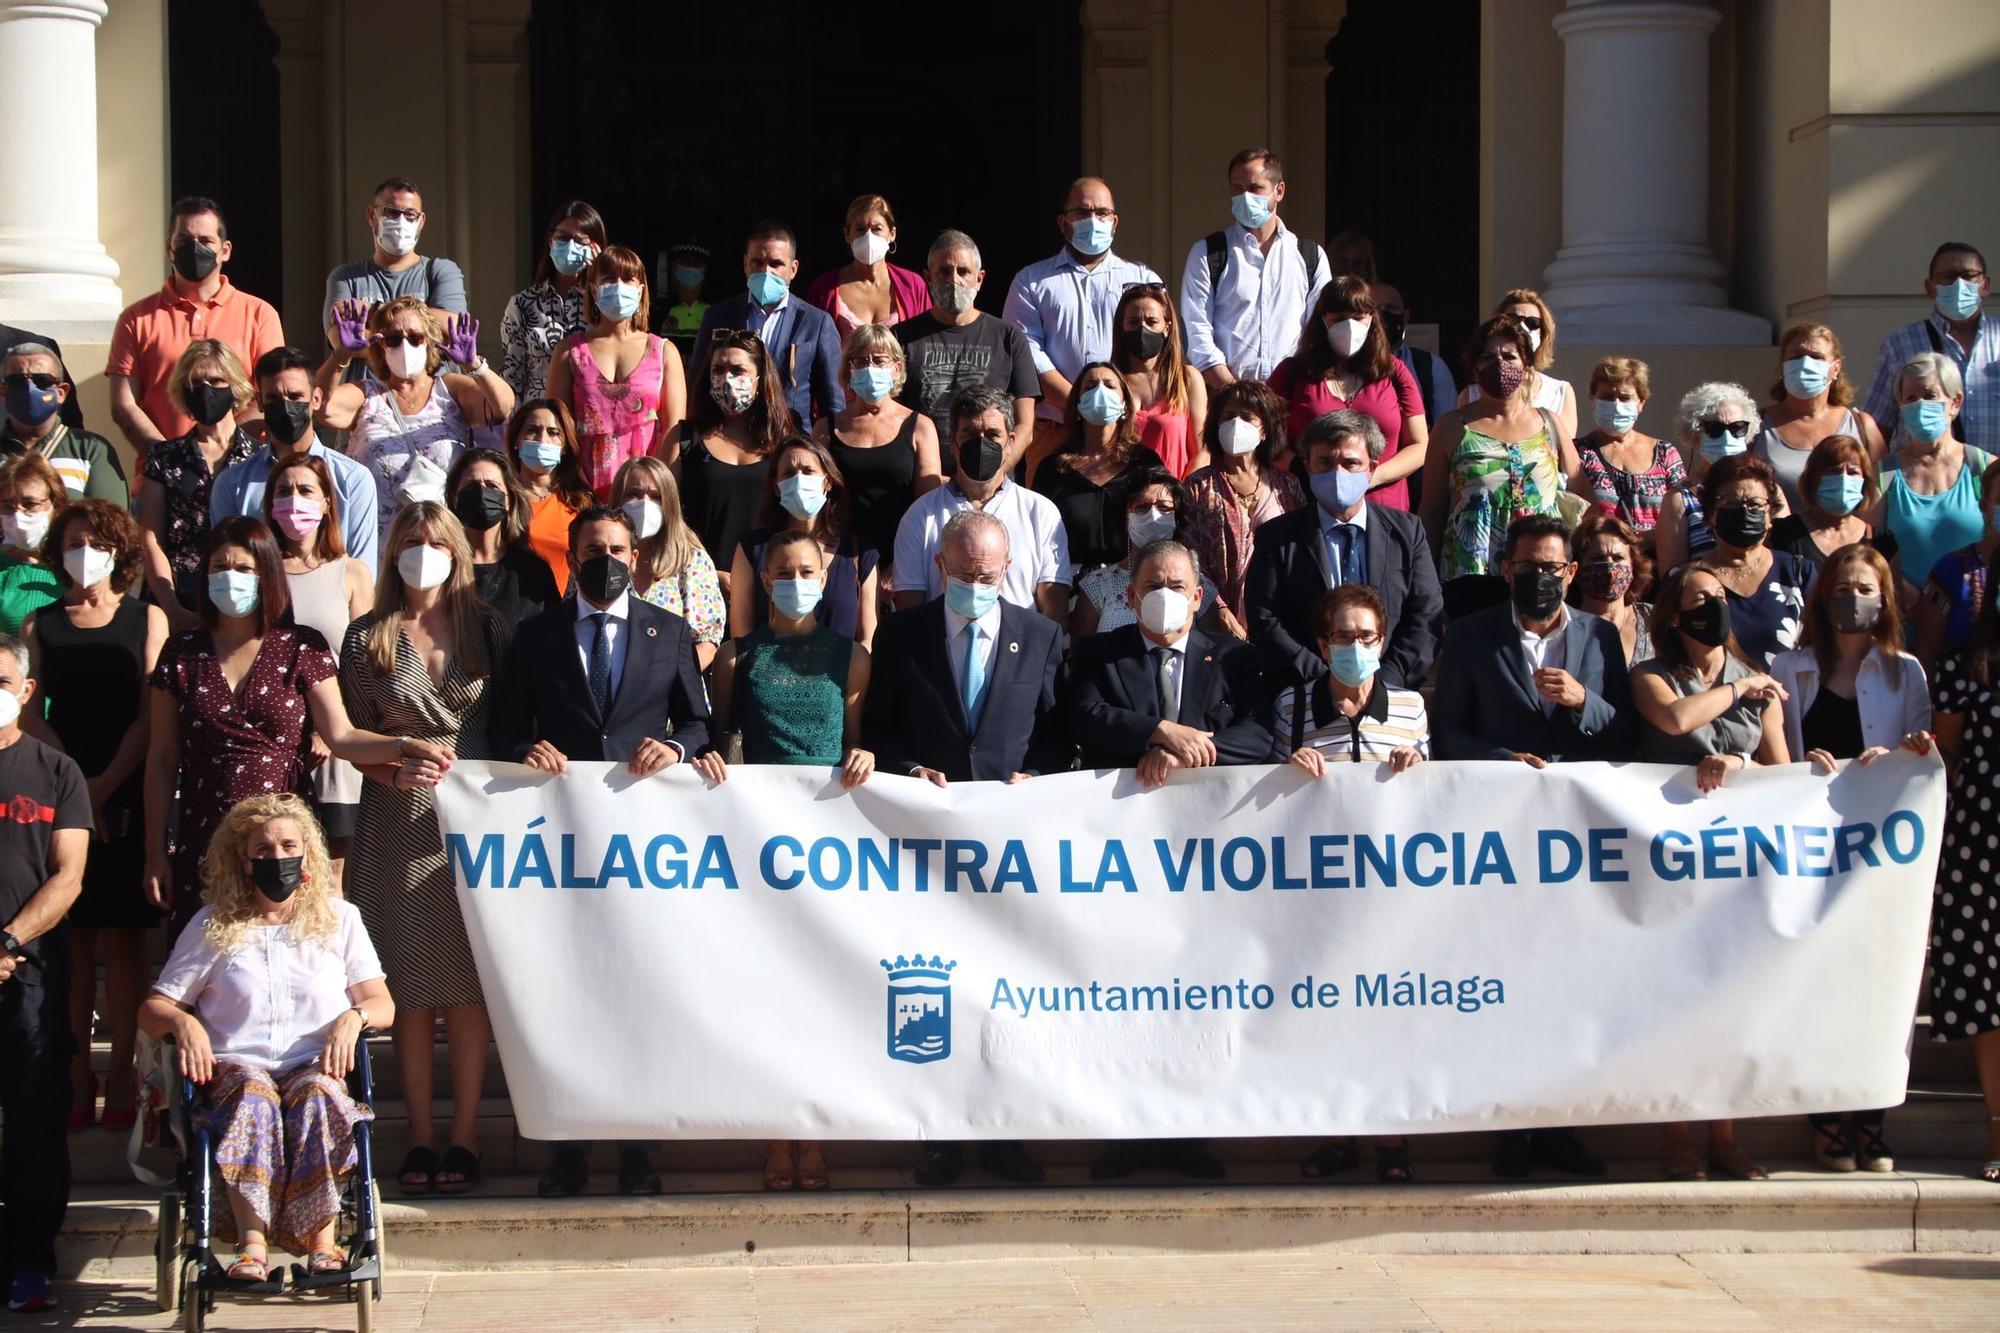 Minuto de silencio en el Ayuntamiento de Málaga por el crimen ocurrido en El Bulto